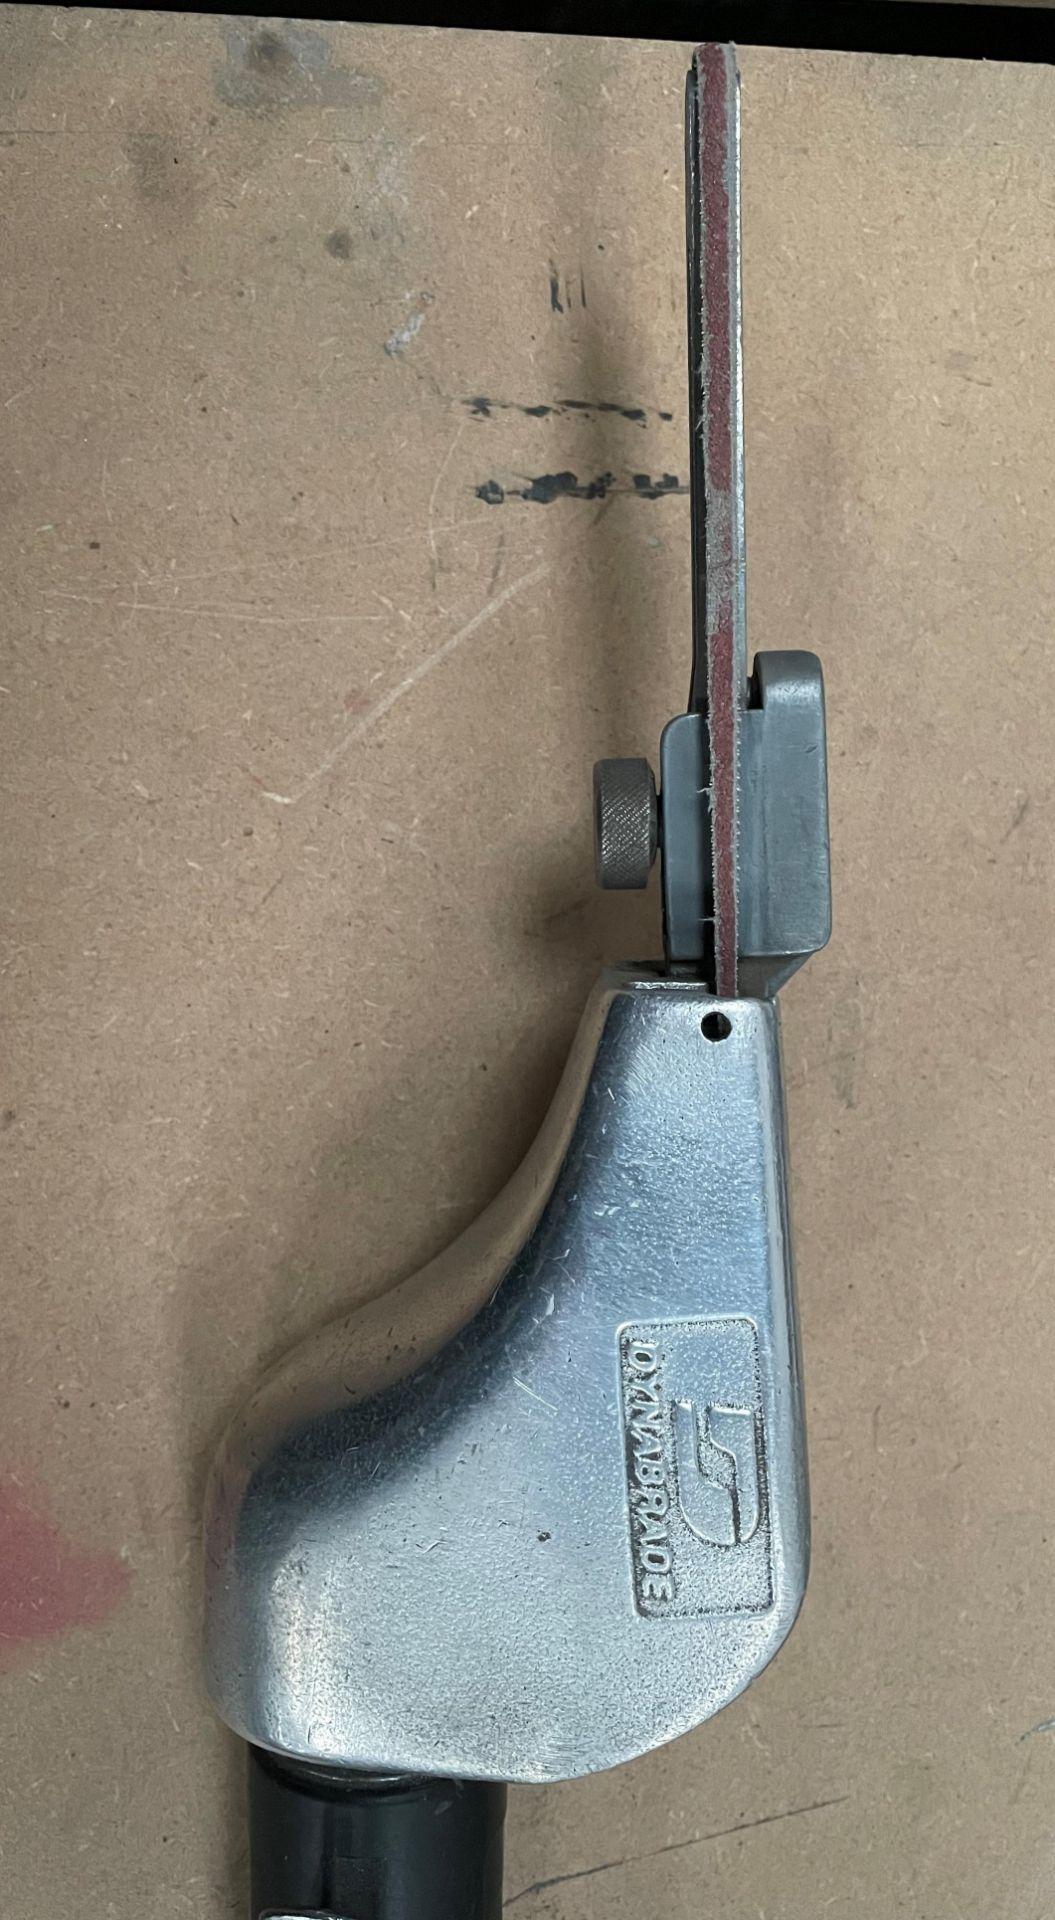 Dynabrade Dynafile Pneumatic Abrasive Belt Sander - Image 2 of 3